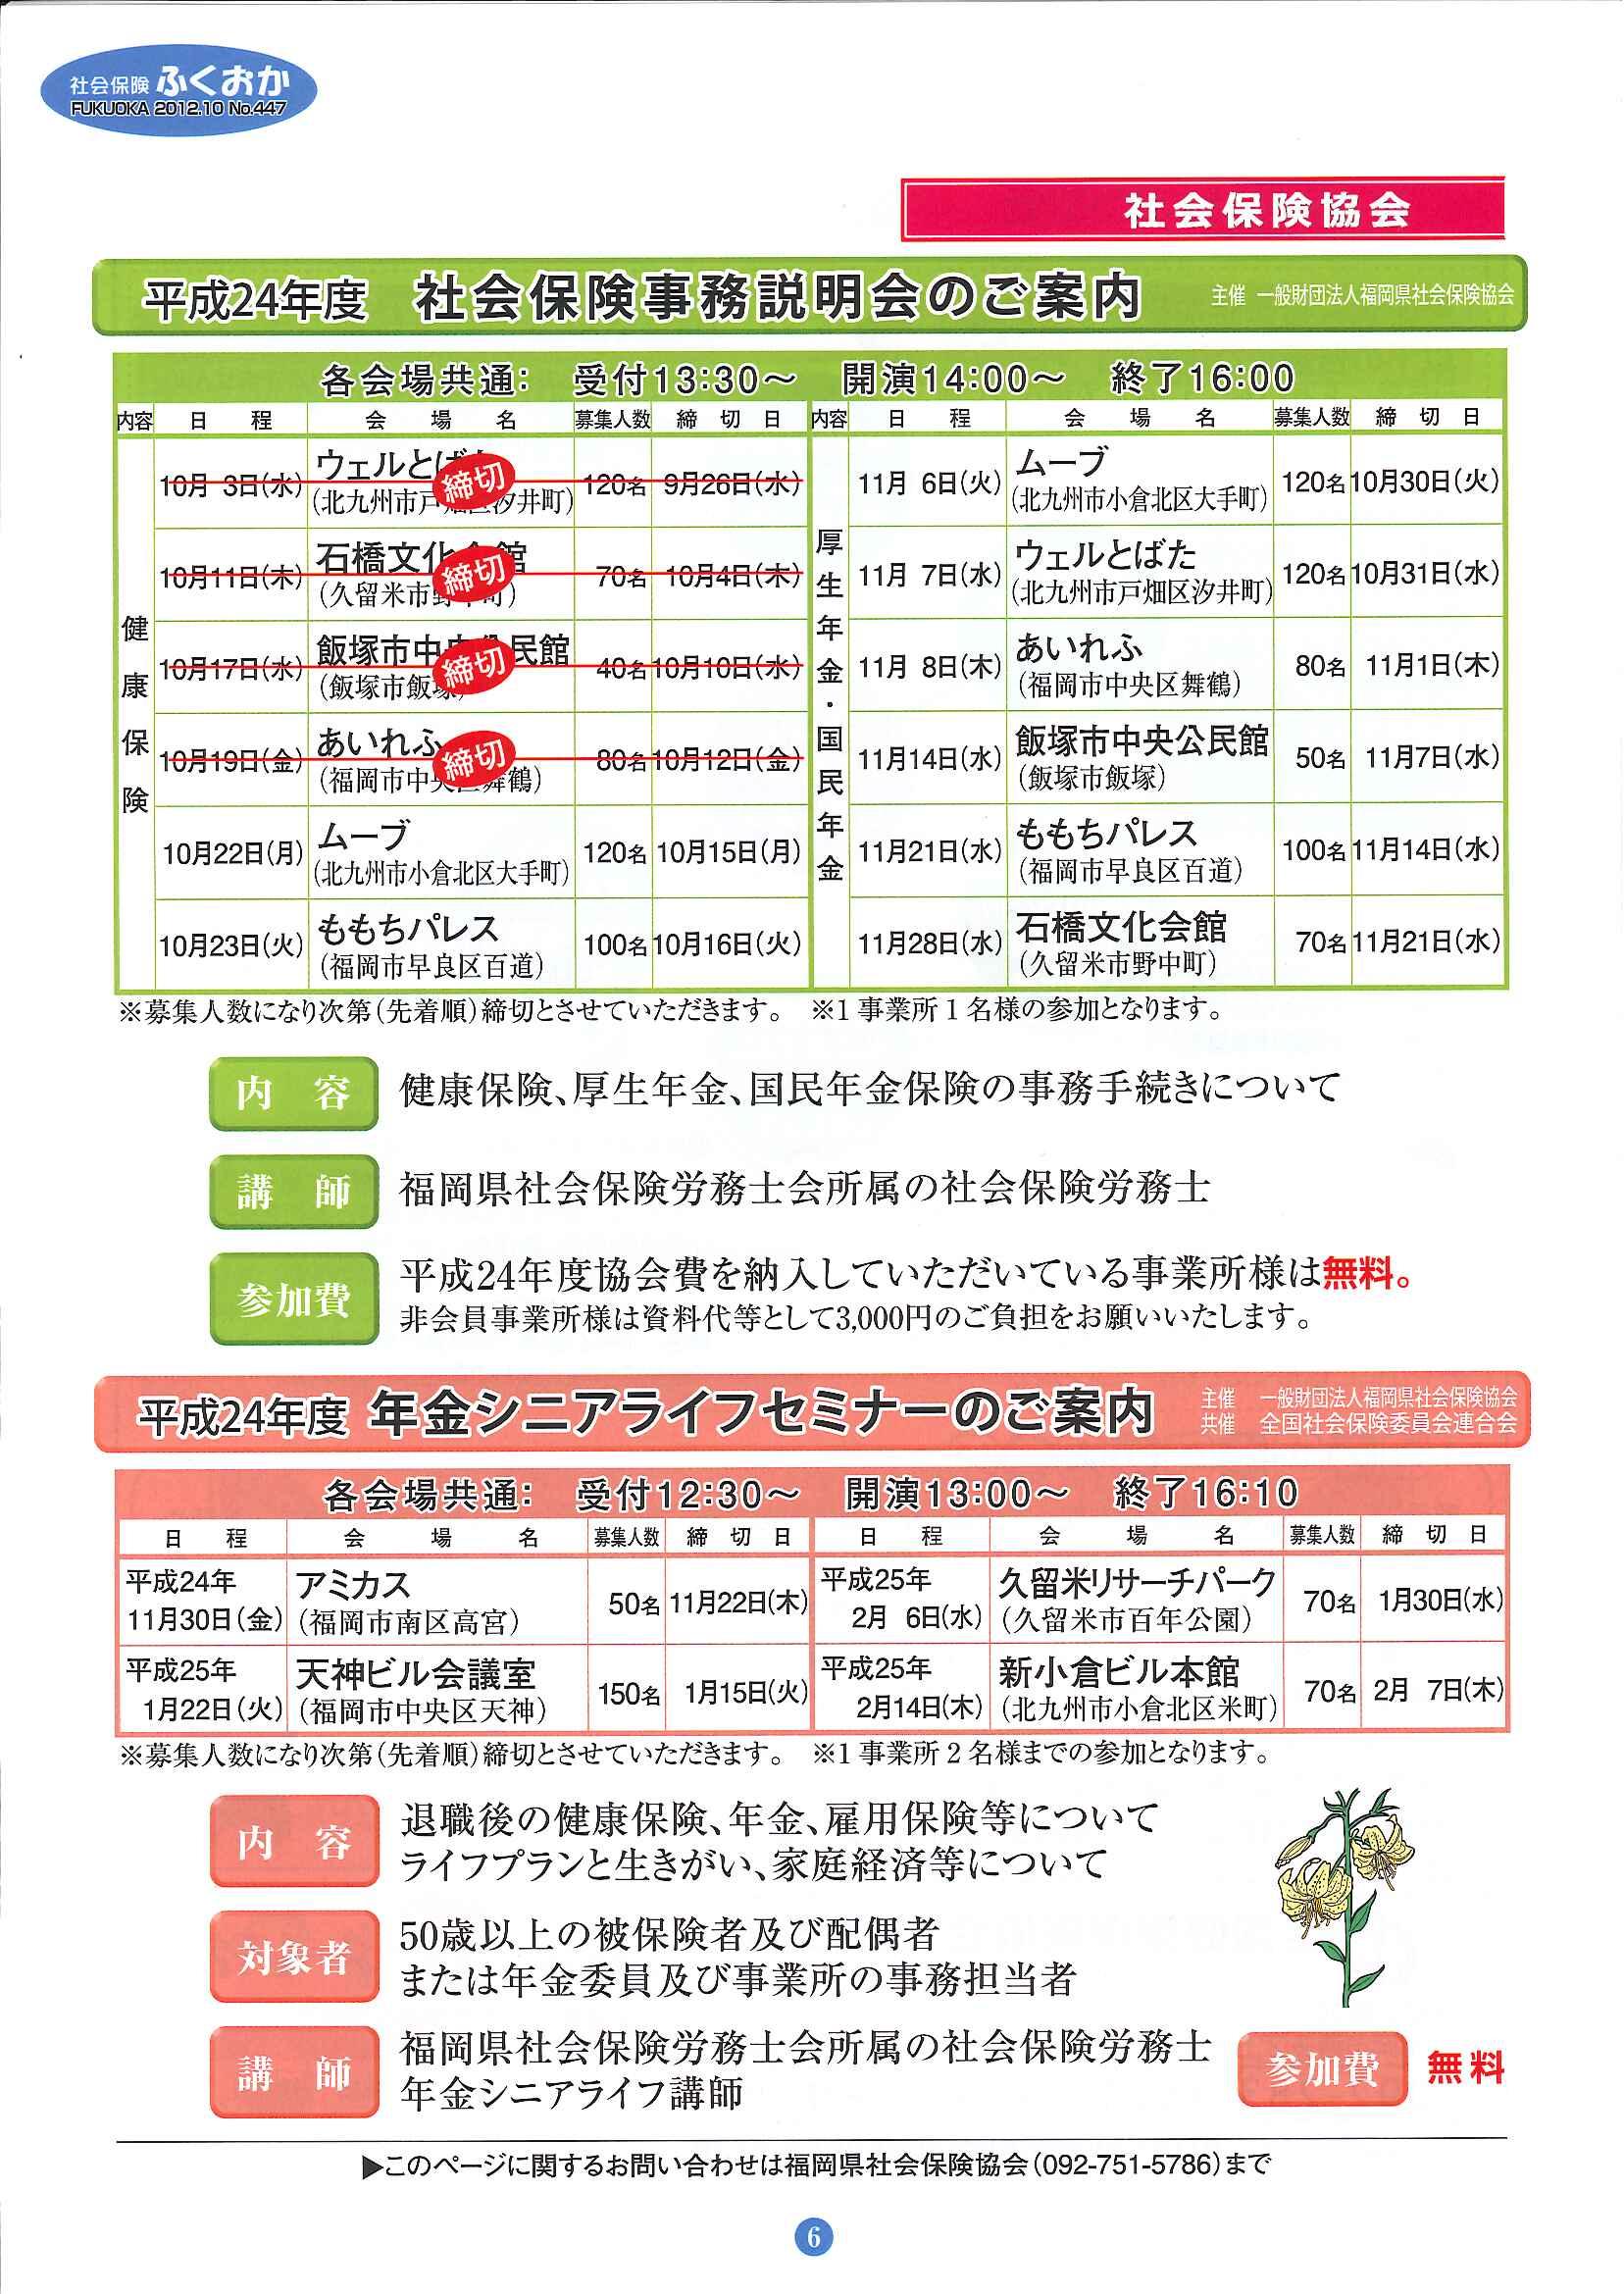 社会保険 ふくおか 2012 10月号_f0120774_13512983.jpg